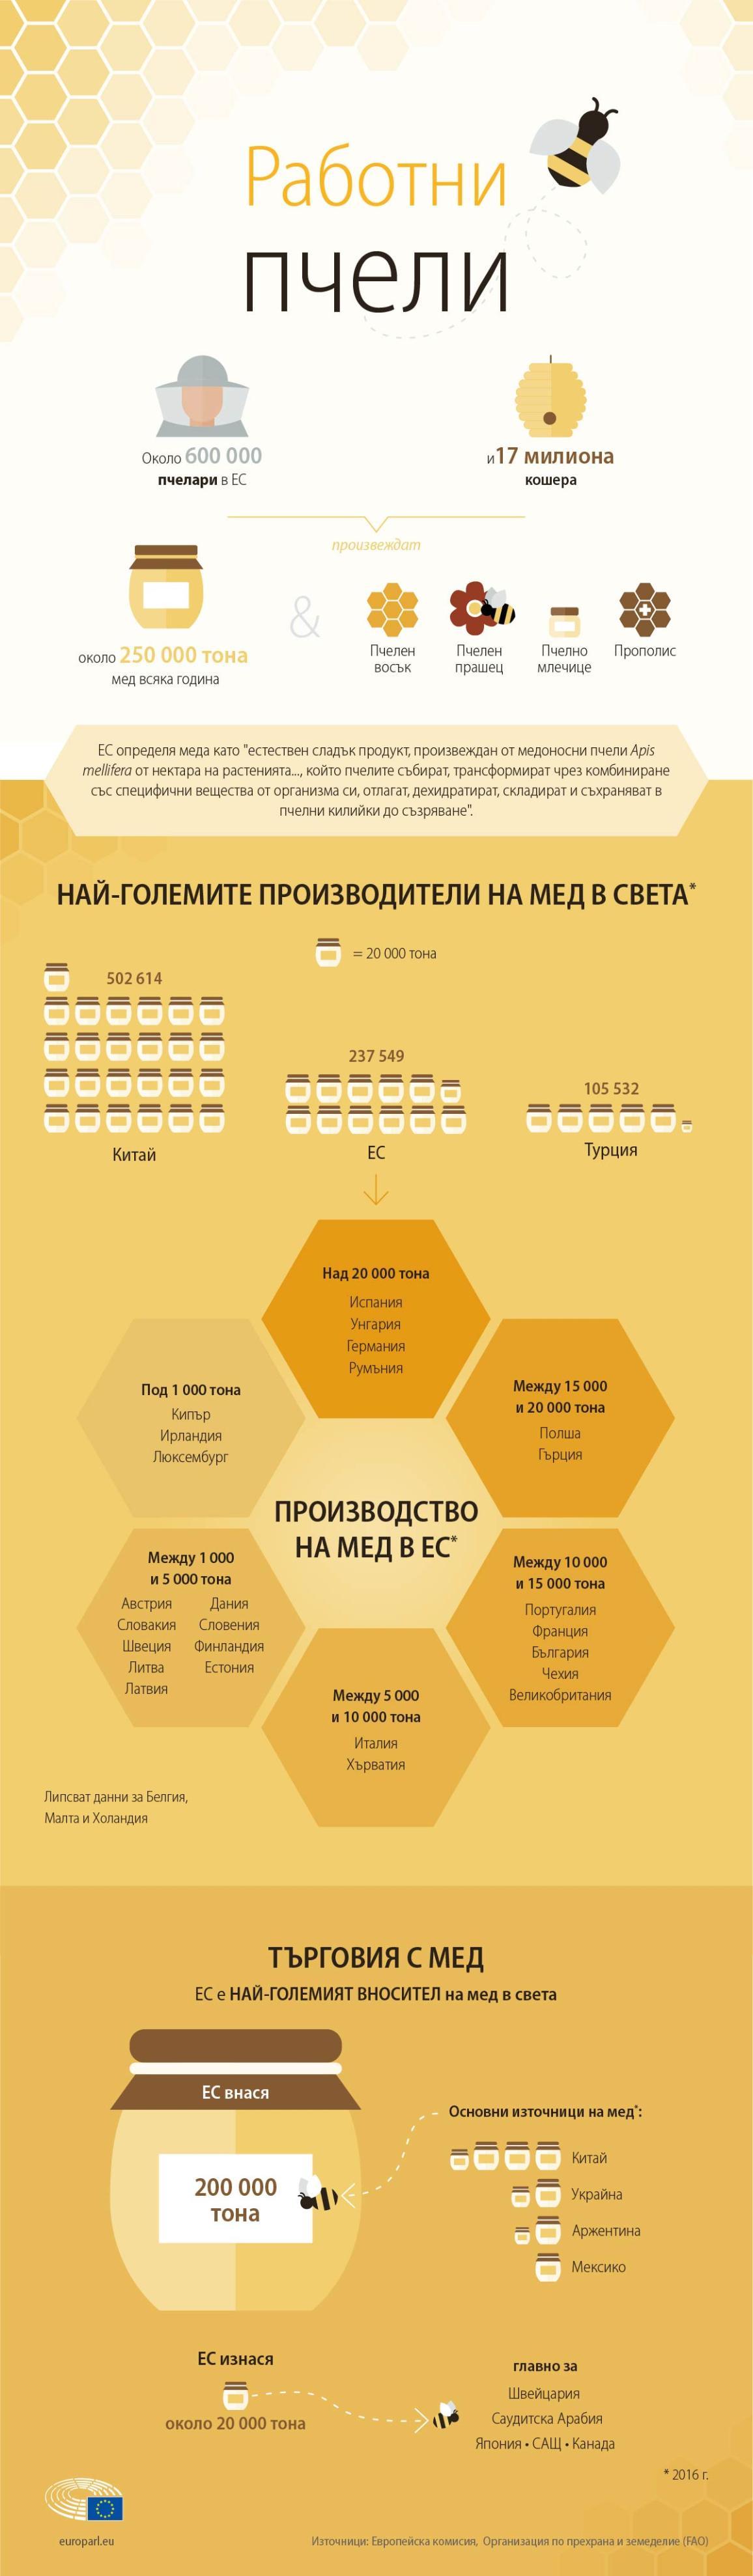 Инфографика за пазара на пчелен мед в Европа